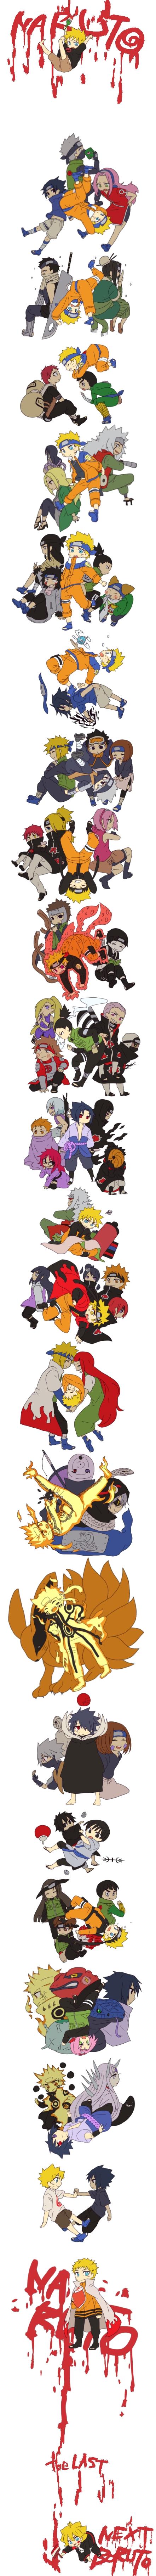 Tags: Anime, Pixiv Id 1748368, NARUTO, Inuzuka Kiba, Zetsu, Sai, Kyuubi (NARUTO), Hidan, Uzumaki Kushina, Haku (NARUTO), Gaara, Senju Hashirama, Hyuuga Neji